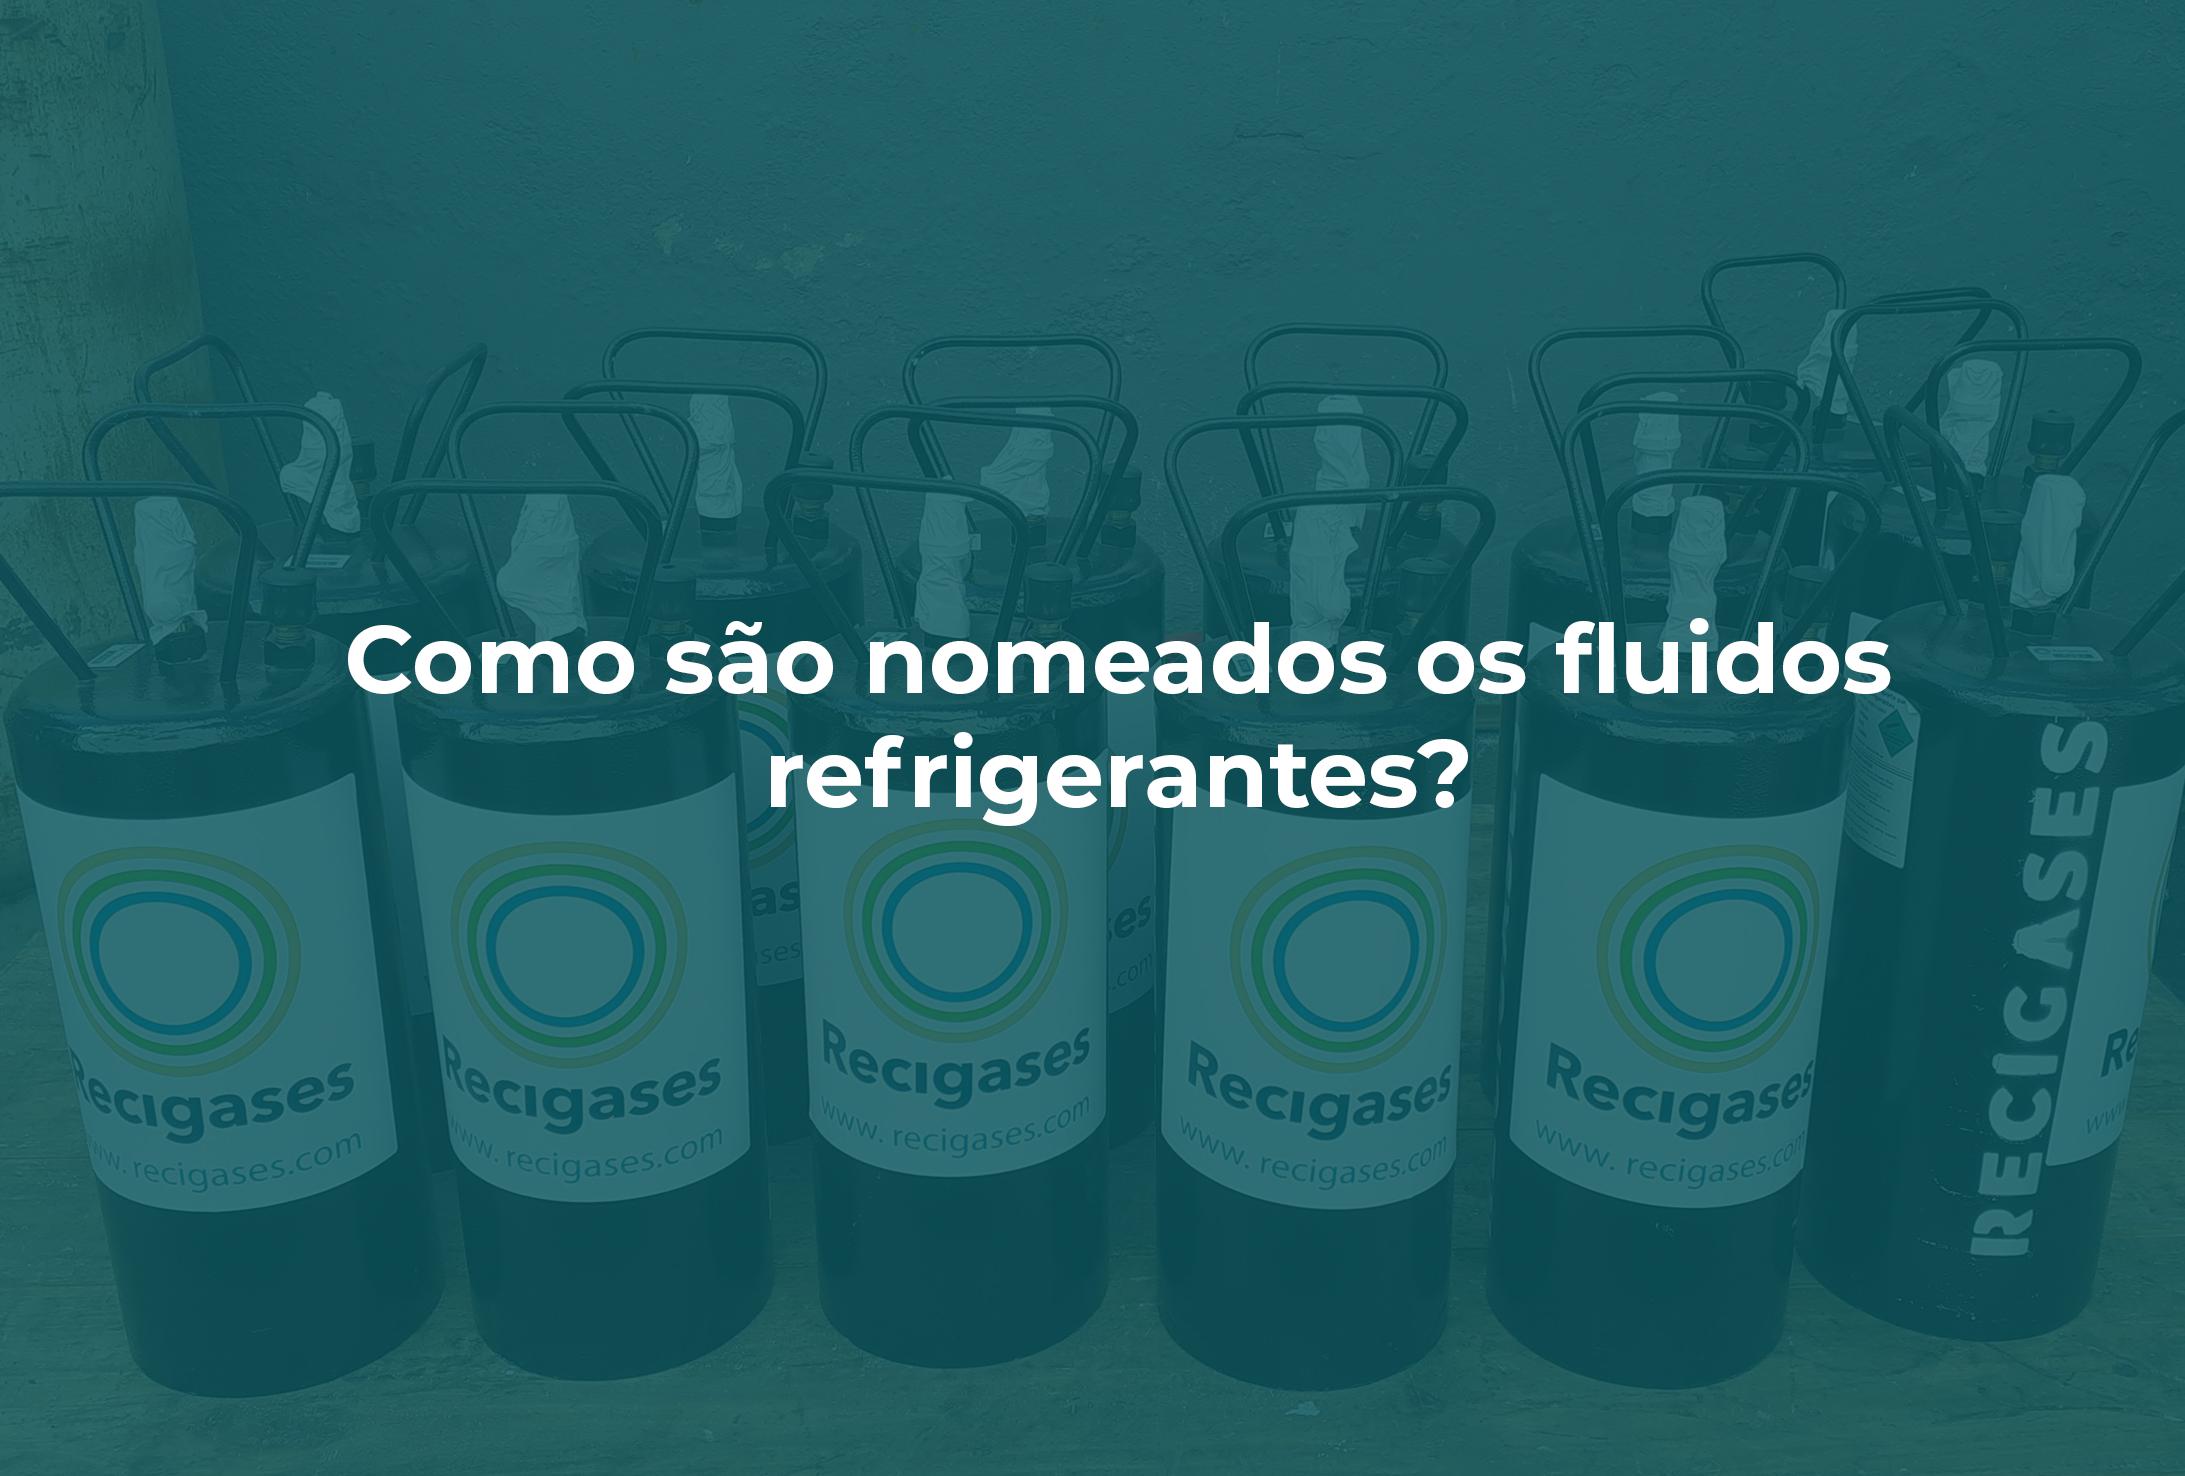 A imagem mostra alguns cilindros de fluido refrigerante por trás de um fundo verde com opacidade 50%. Como destaque está escrito: Como são nomeados os fluidos refrigerantes?